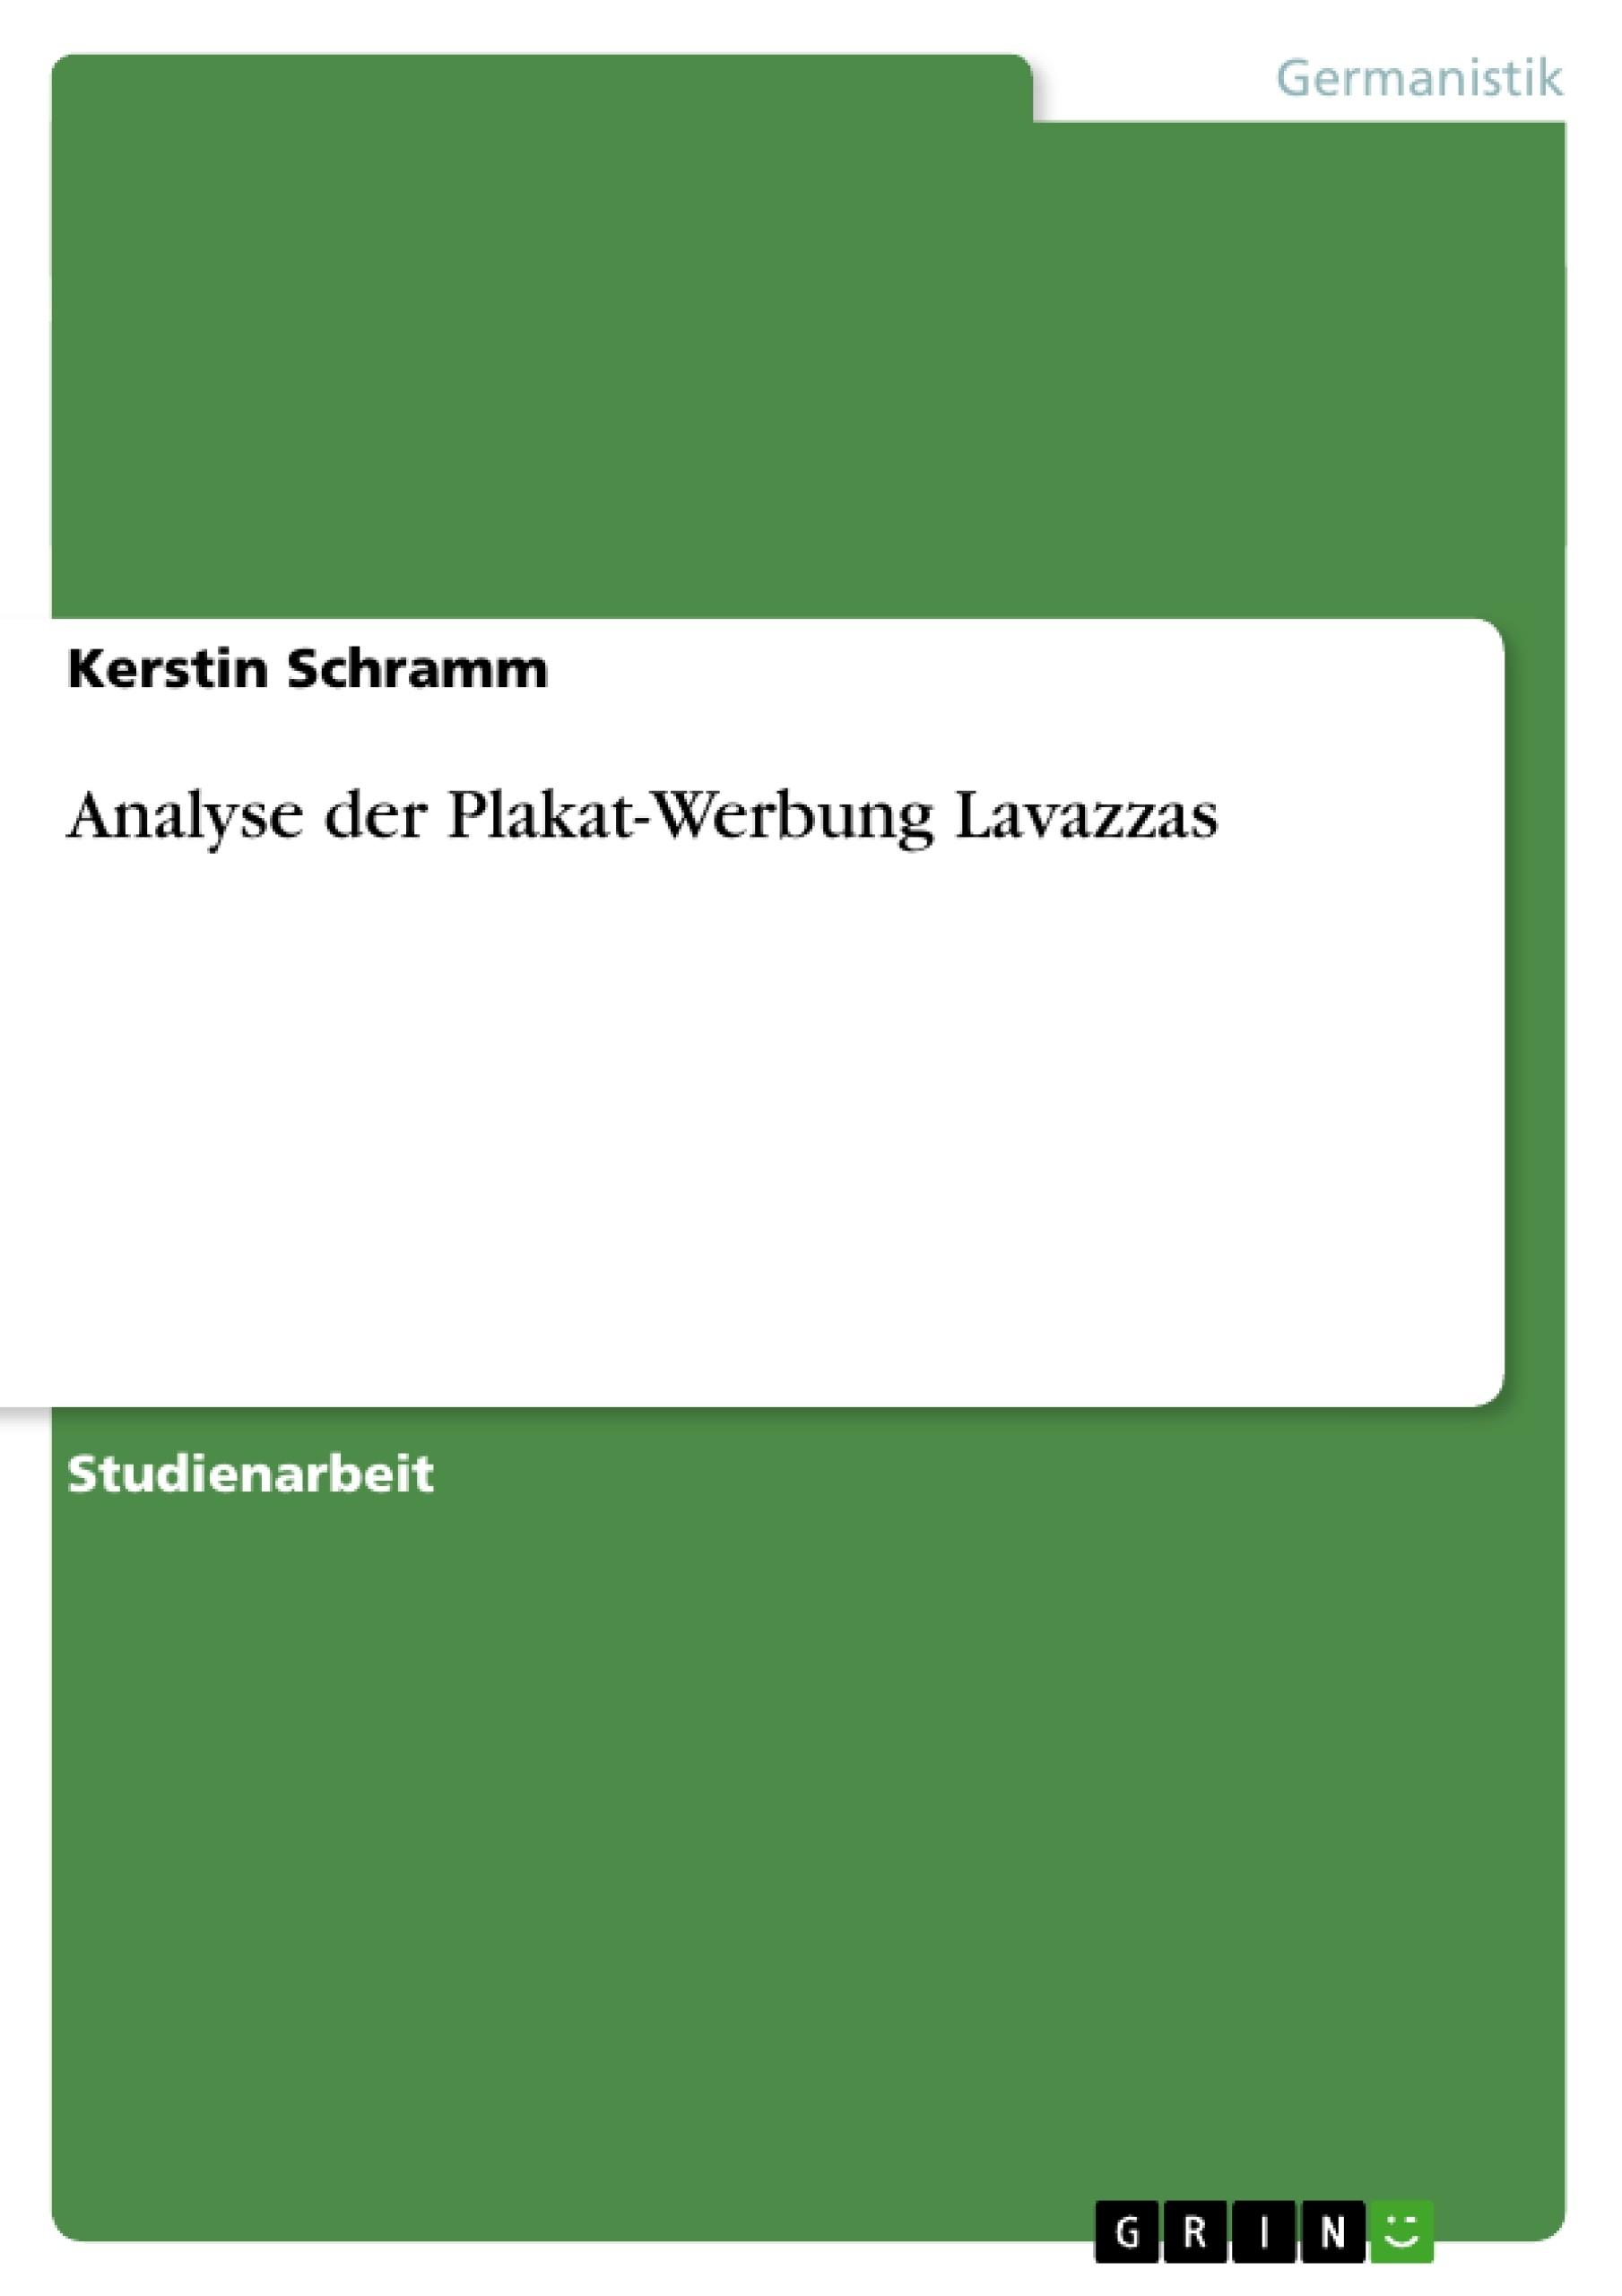 Titel: Analyse der Plakat-Werbung Lavazzas